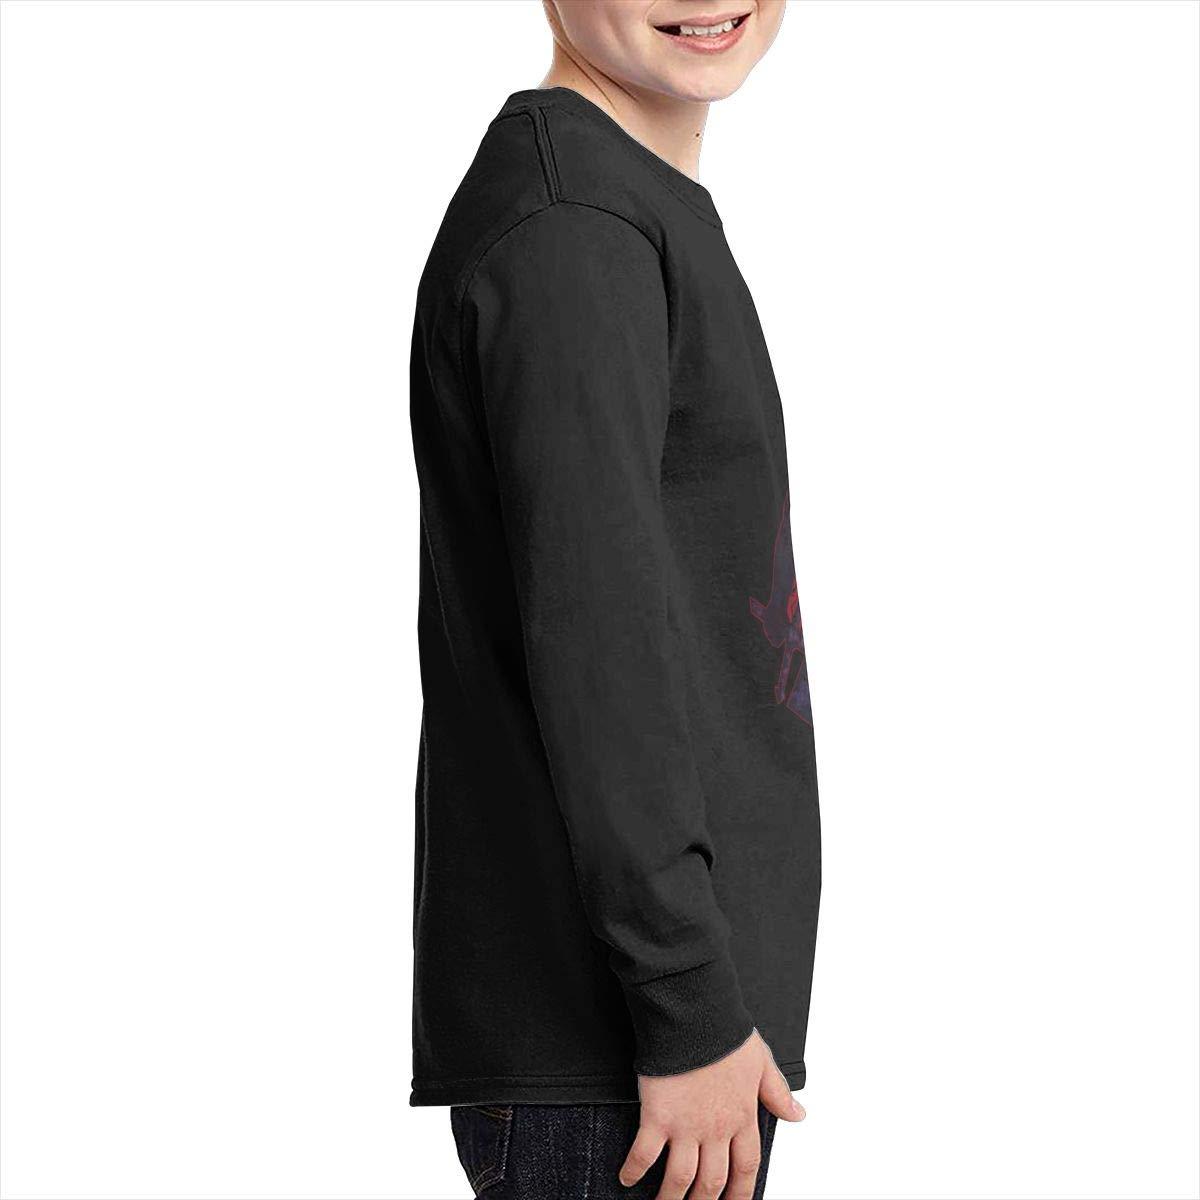 MichaelRoberson Junior Long Sleeve T-Shirt Boys Cool Tee Fashion Tshirt